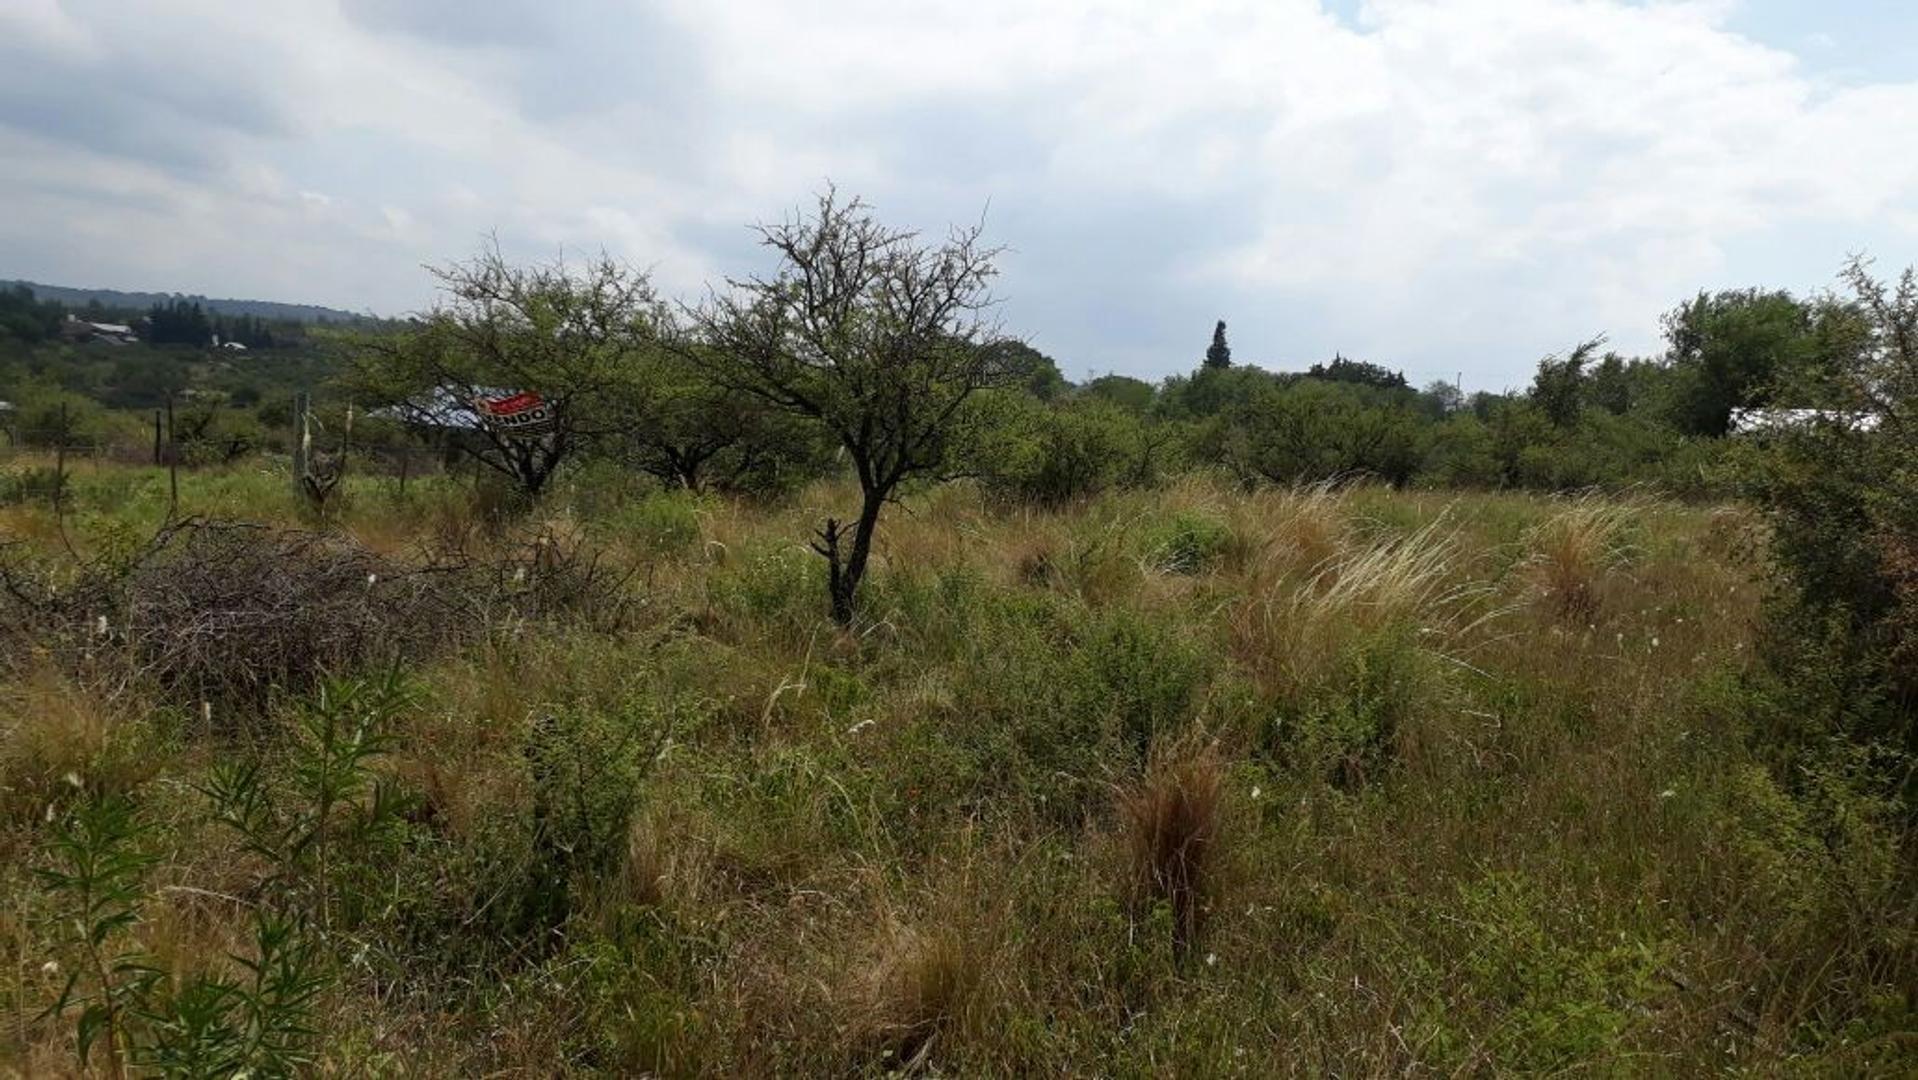 Nºref: 920 -Hermoso terreno en venta en Bialet Massé, Punilla, Córdoba